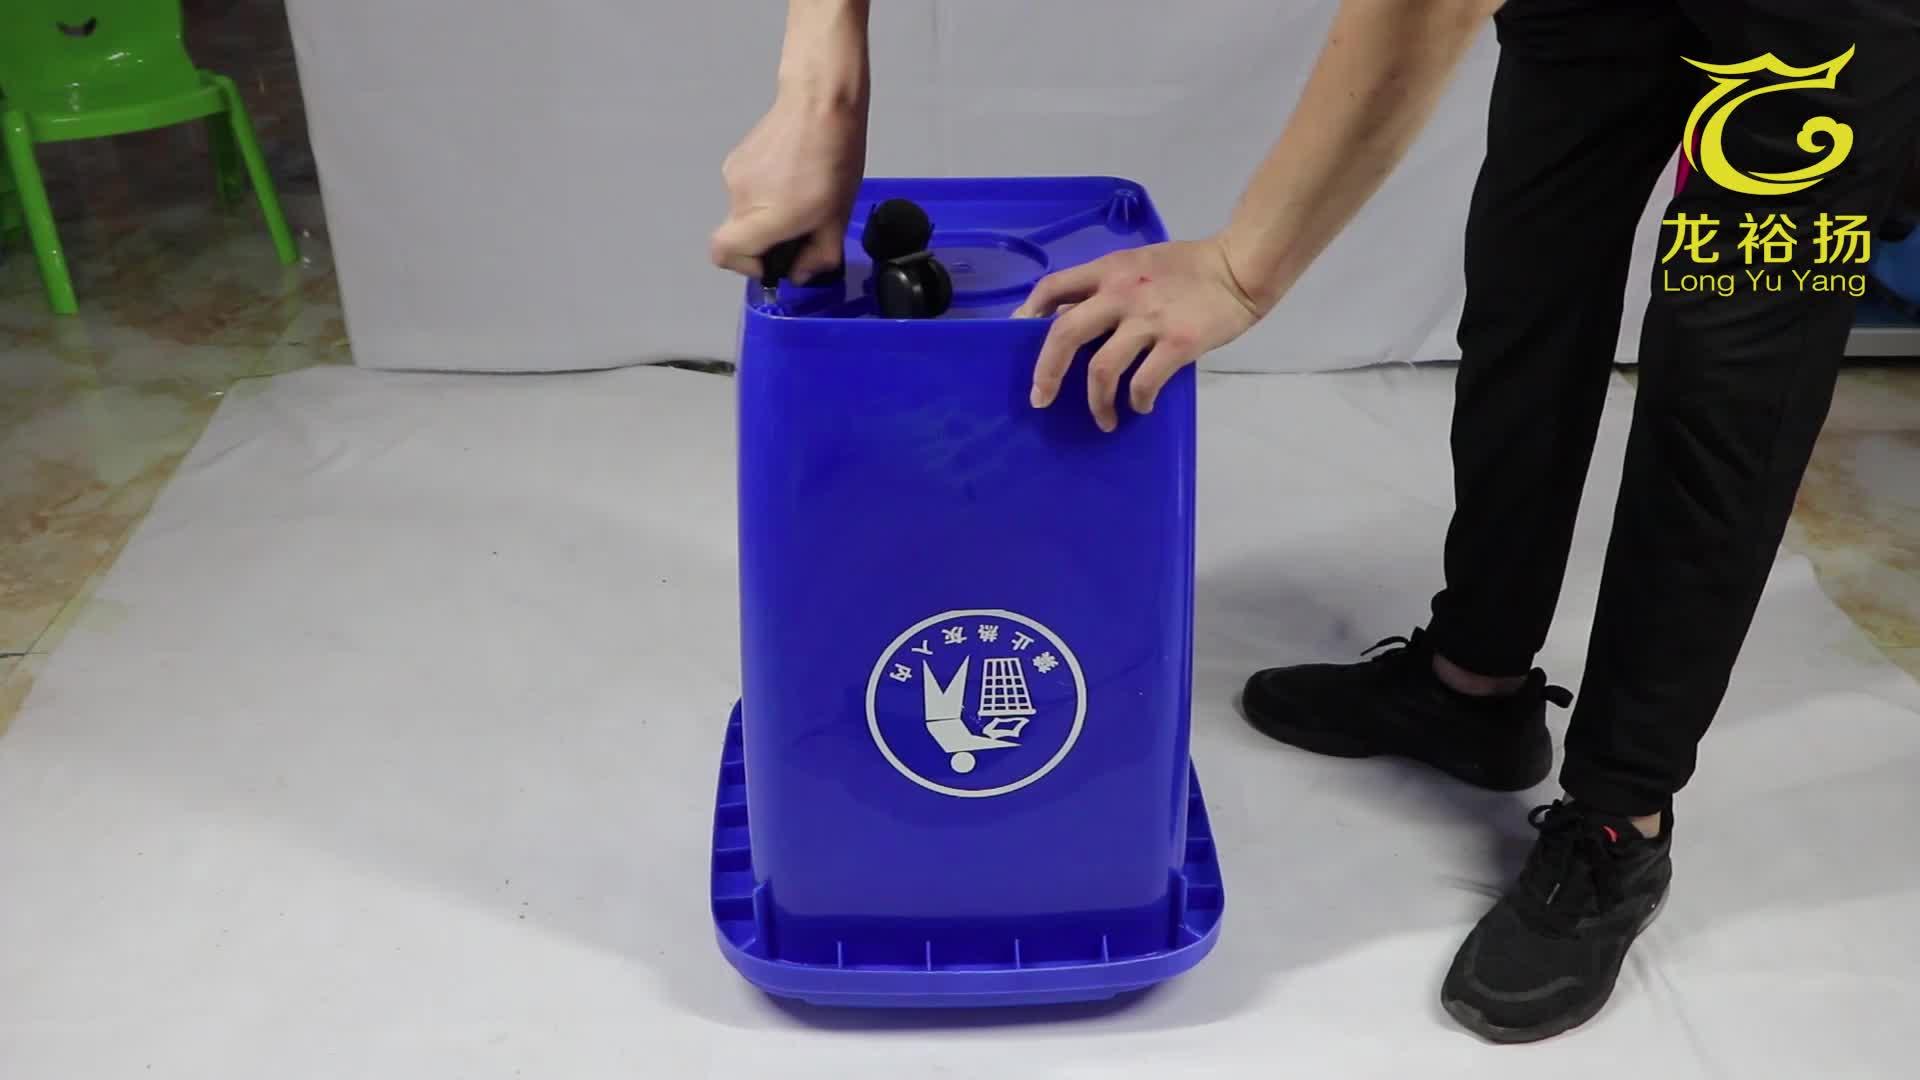 סיטונאי מקורה פלסטיק 13 גלון פח אשפה פסולת בינס